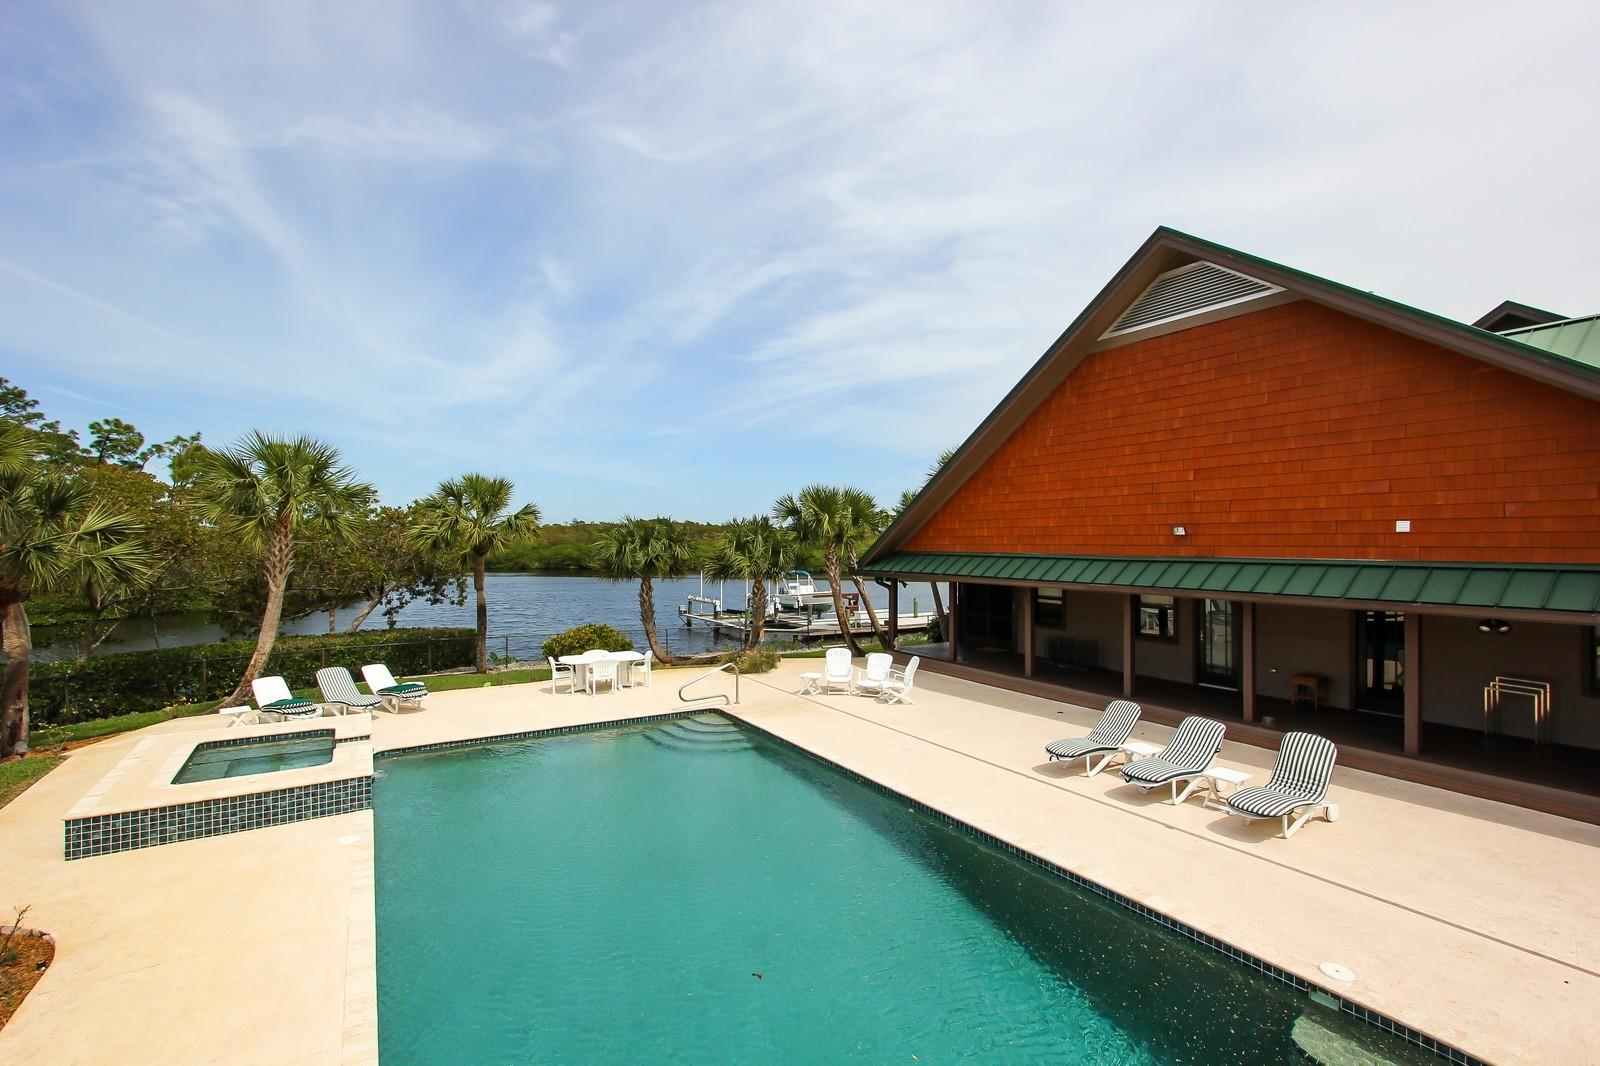 Real Estate Photography - 18300 SE Loxahatchee River Rd, Jupiter, FL, 33458 - Pool